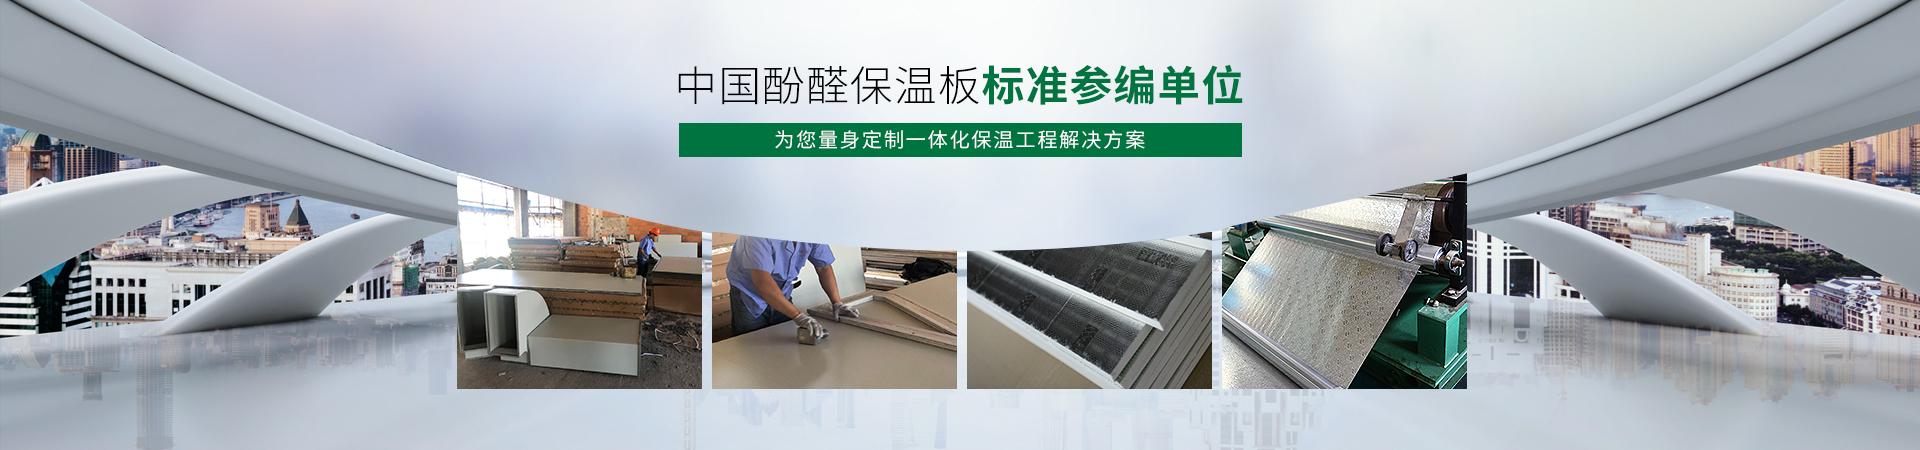 维沃-为您量身定制一体化保温工程解决方案